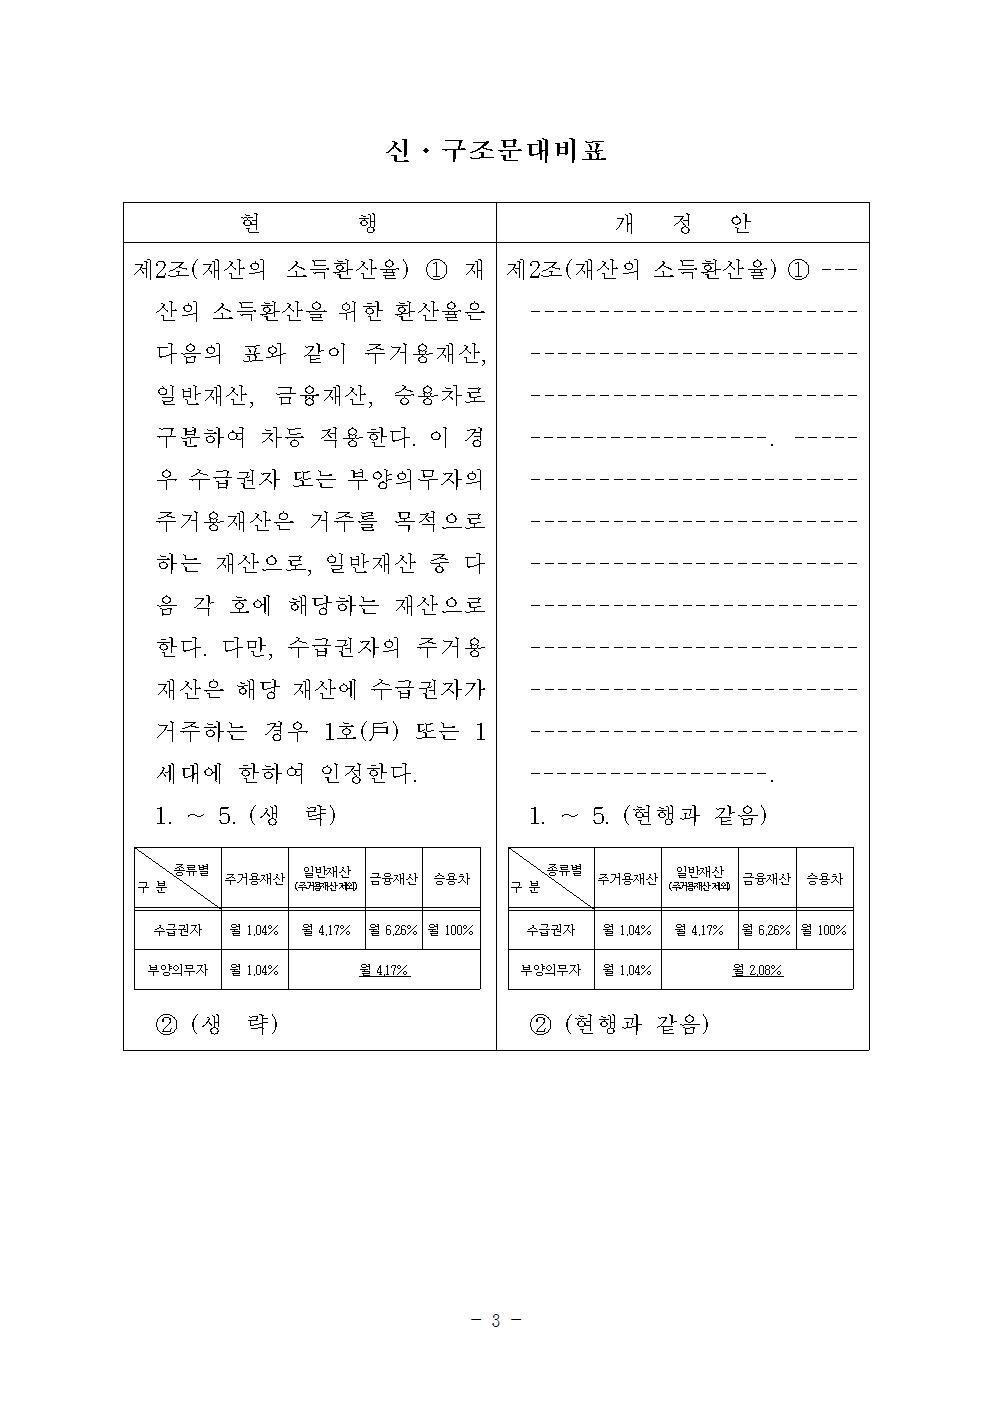 국민기초생활_보장법상_재산의_소득환산율_고시_일부개정안003.jpg